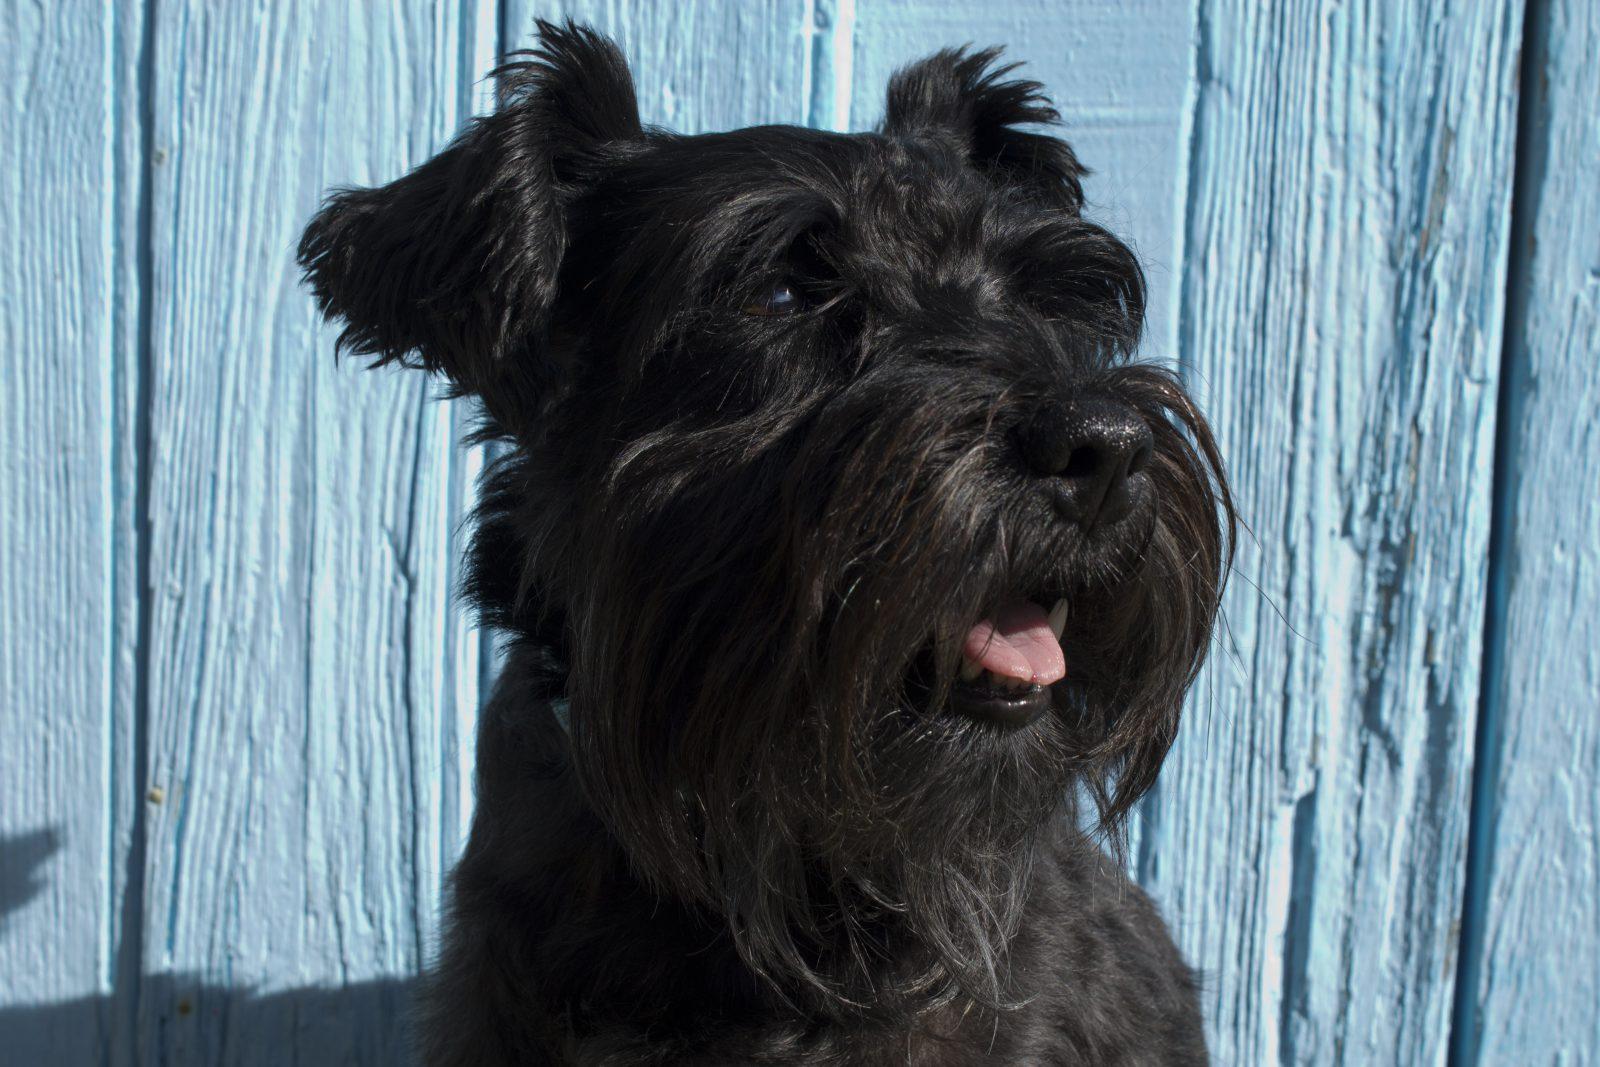 máquina de tosar cachorro: schnauser com tosa típica da raça